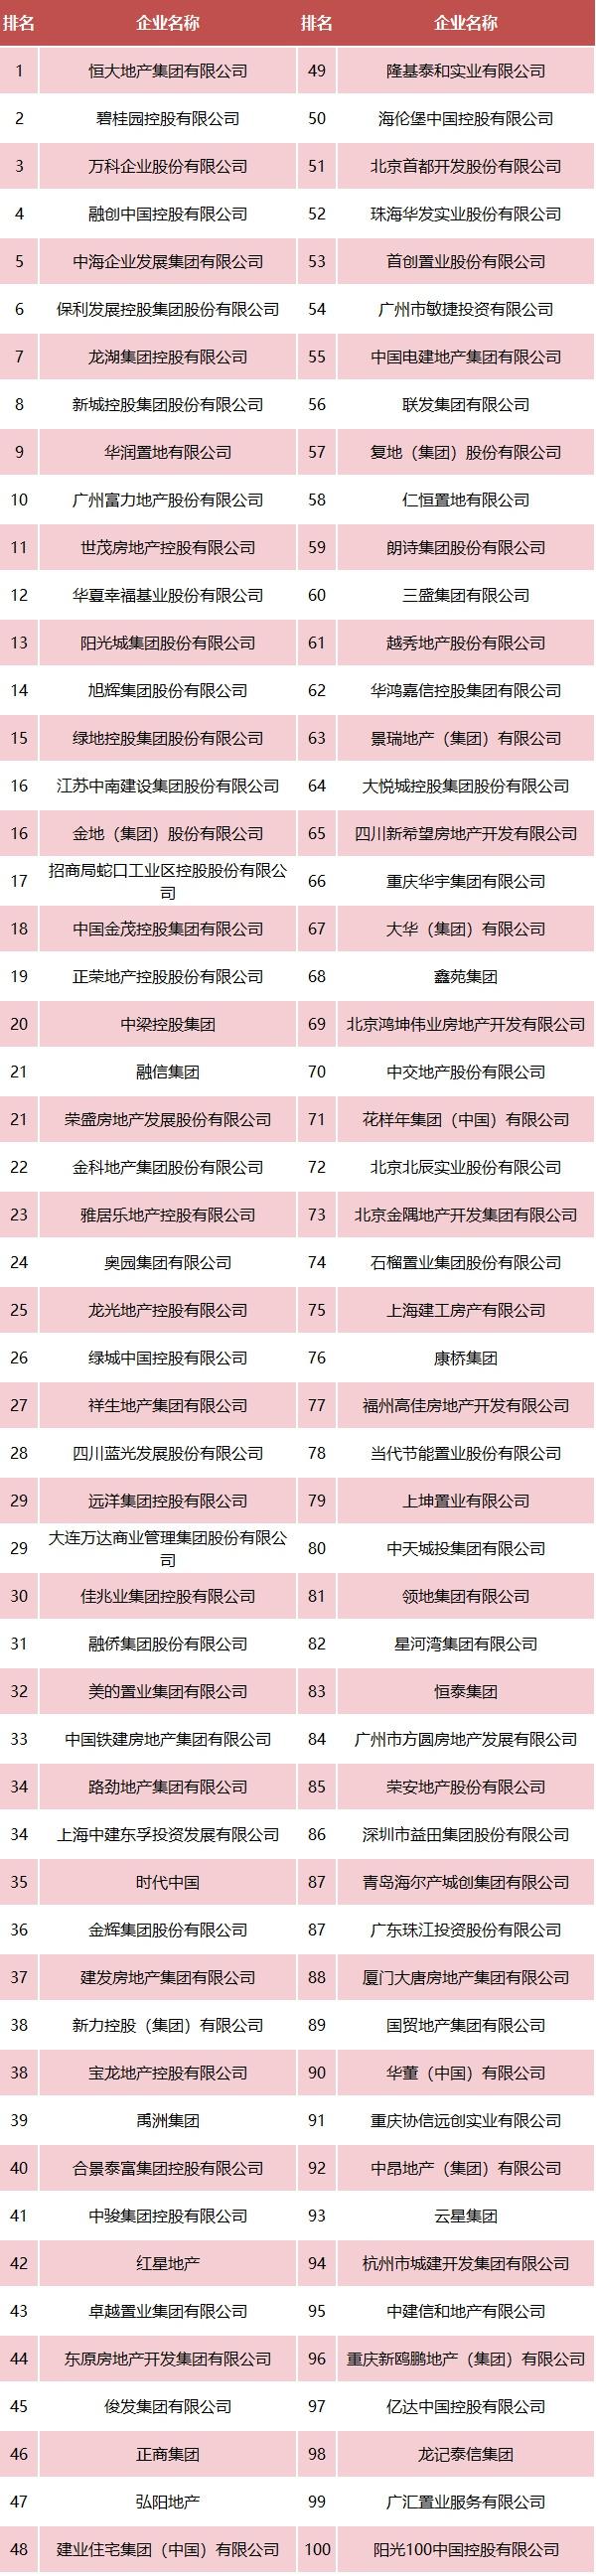 2020中国房地产企业500强出炉 俊发等云南8家房企上榜